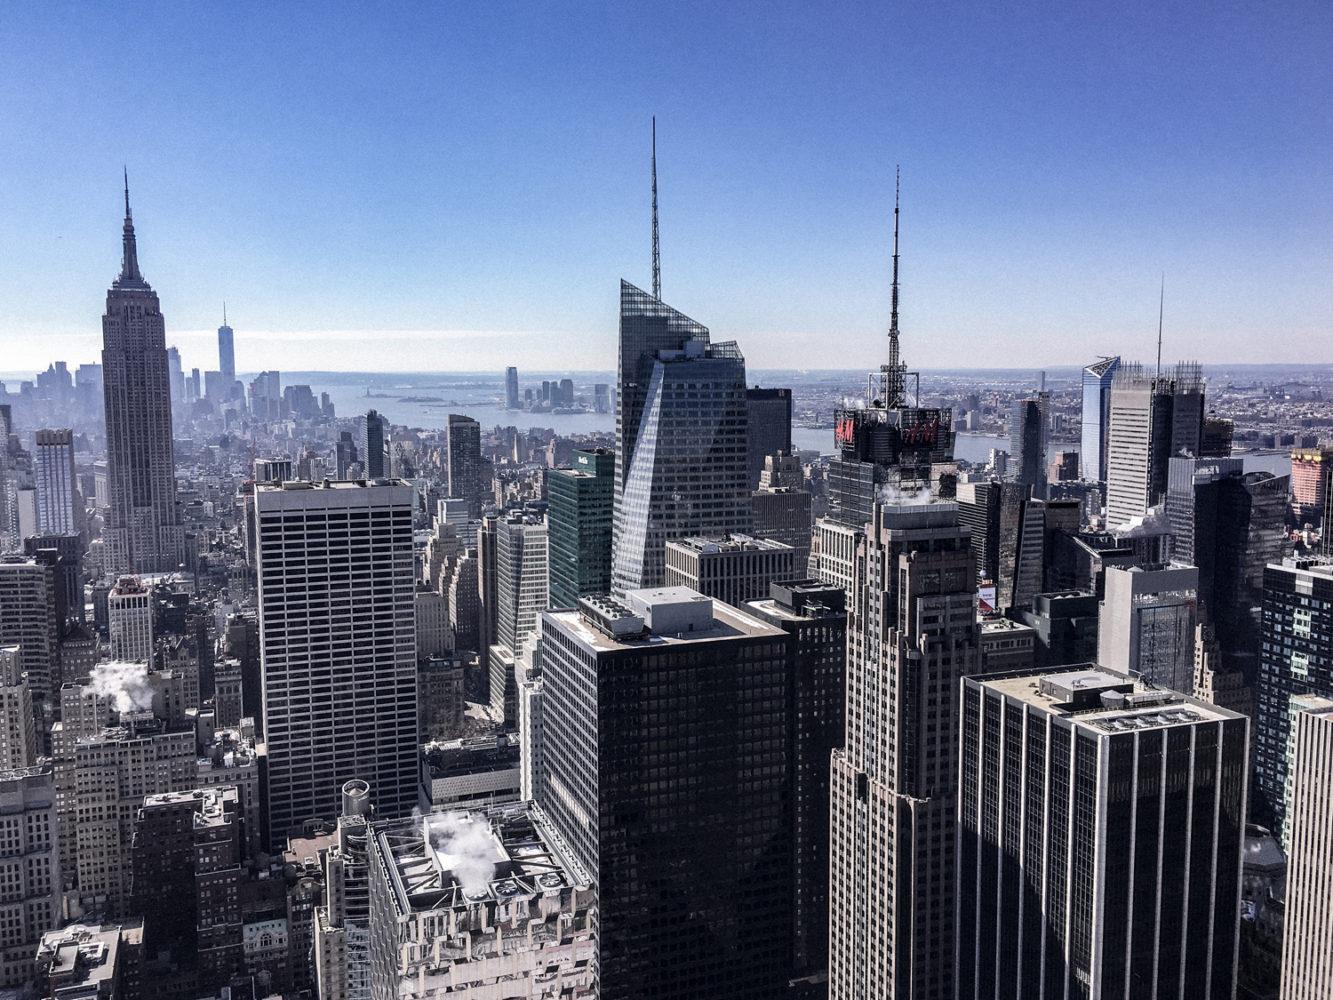 Très belle vue dégagée sur Manhattan